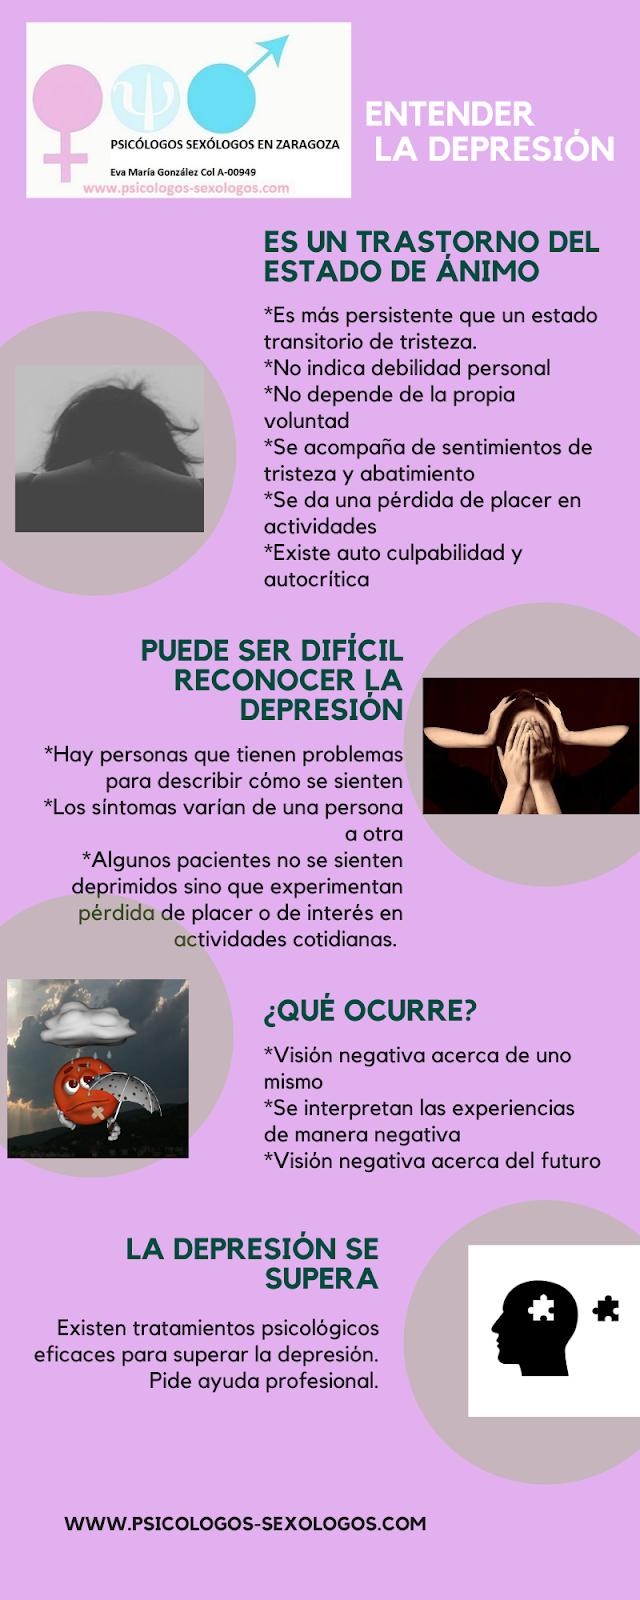 infografía psicólogos depresión en Zaragoza